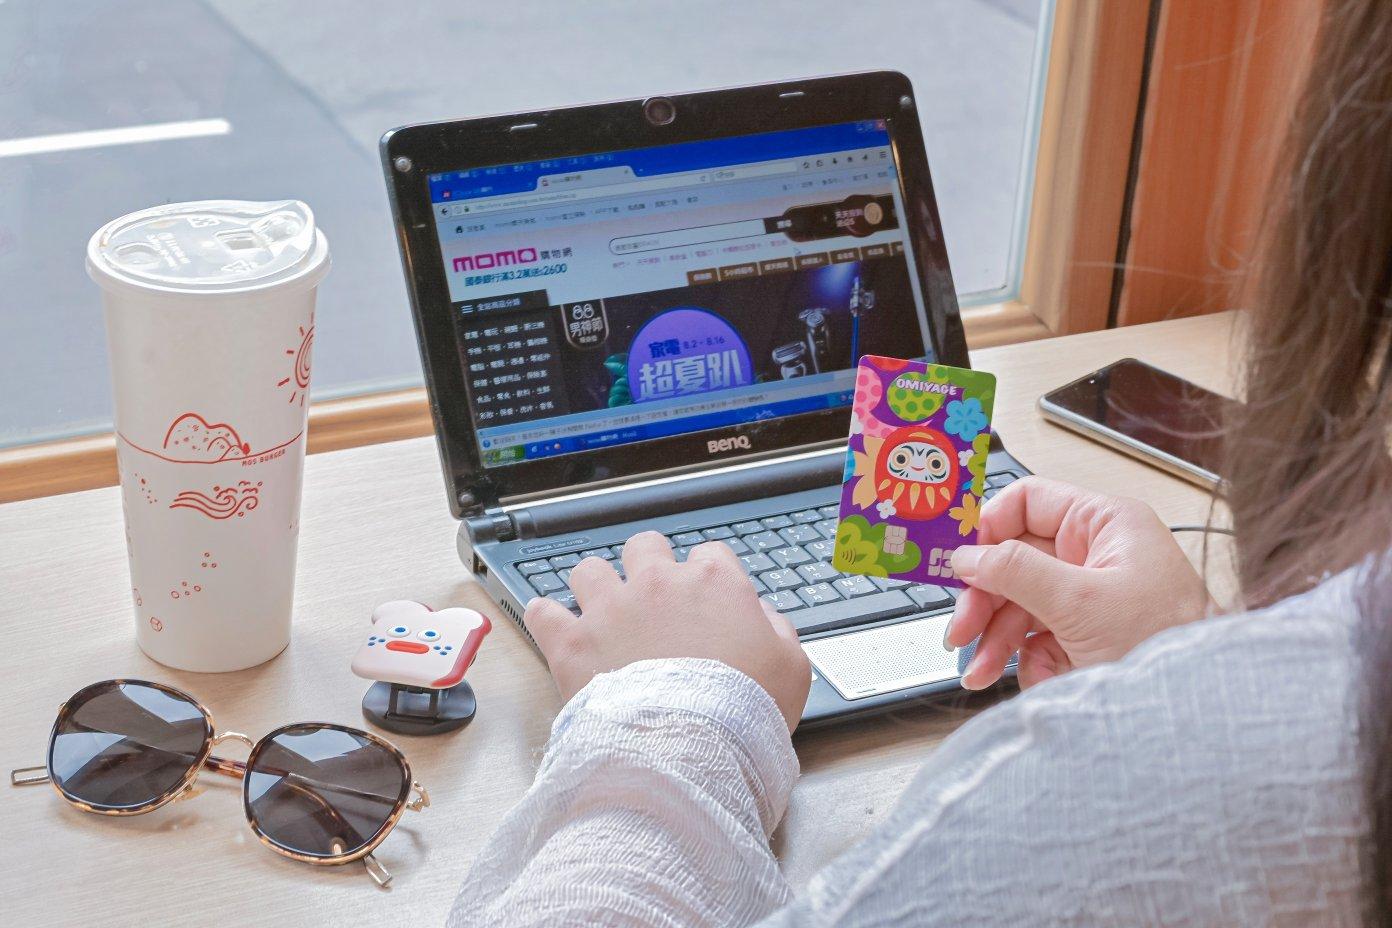 富邦 J 卡優惠全攻略,人稱無腦神卡,新戶國內一般消費享 3.5%無上限! @女子的休假計劃